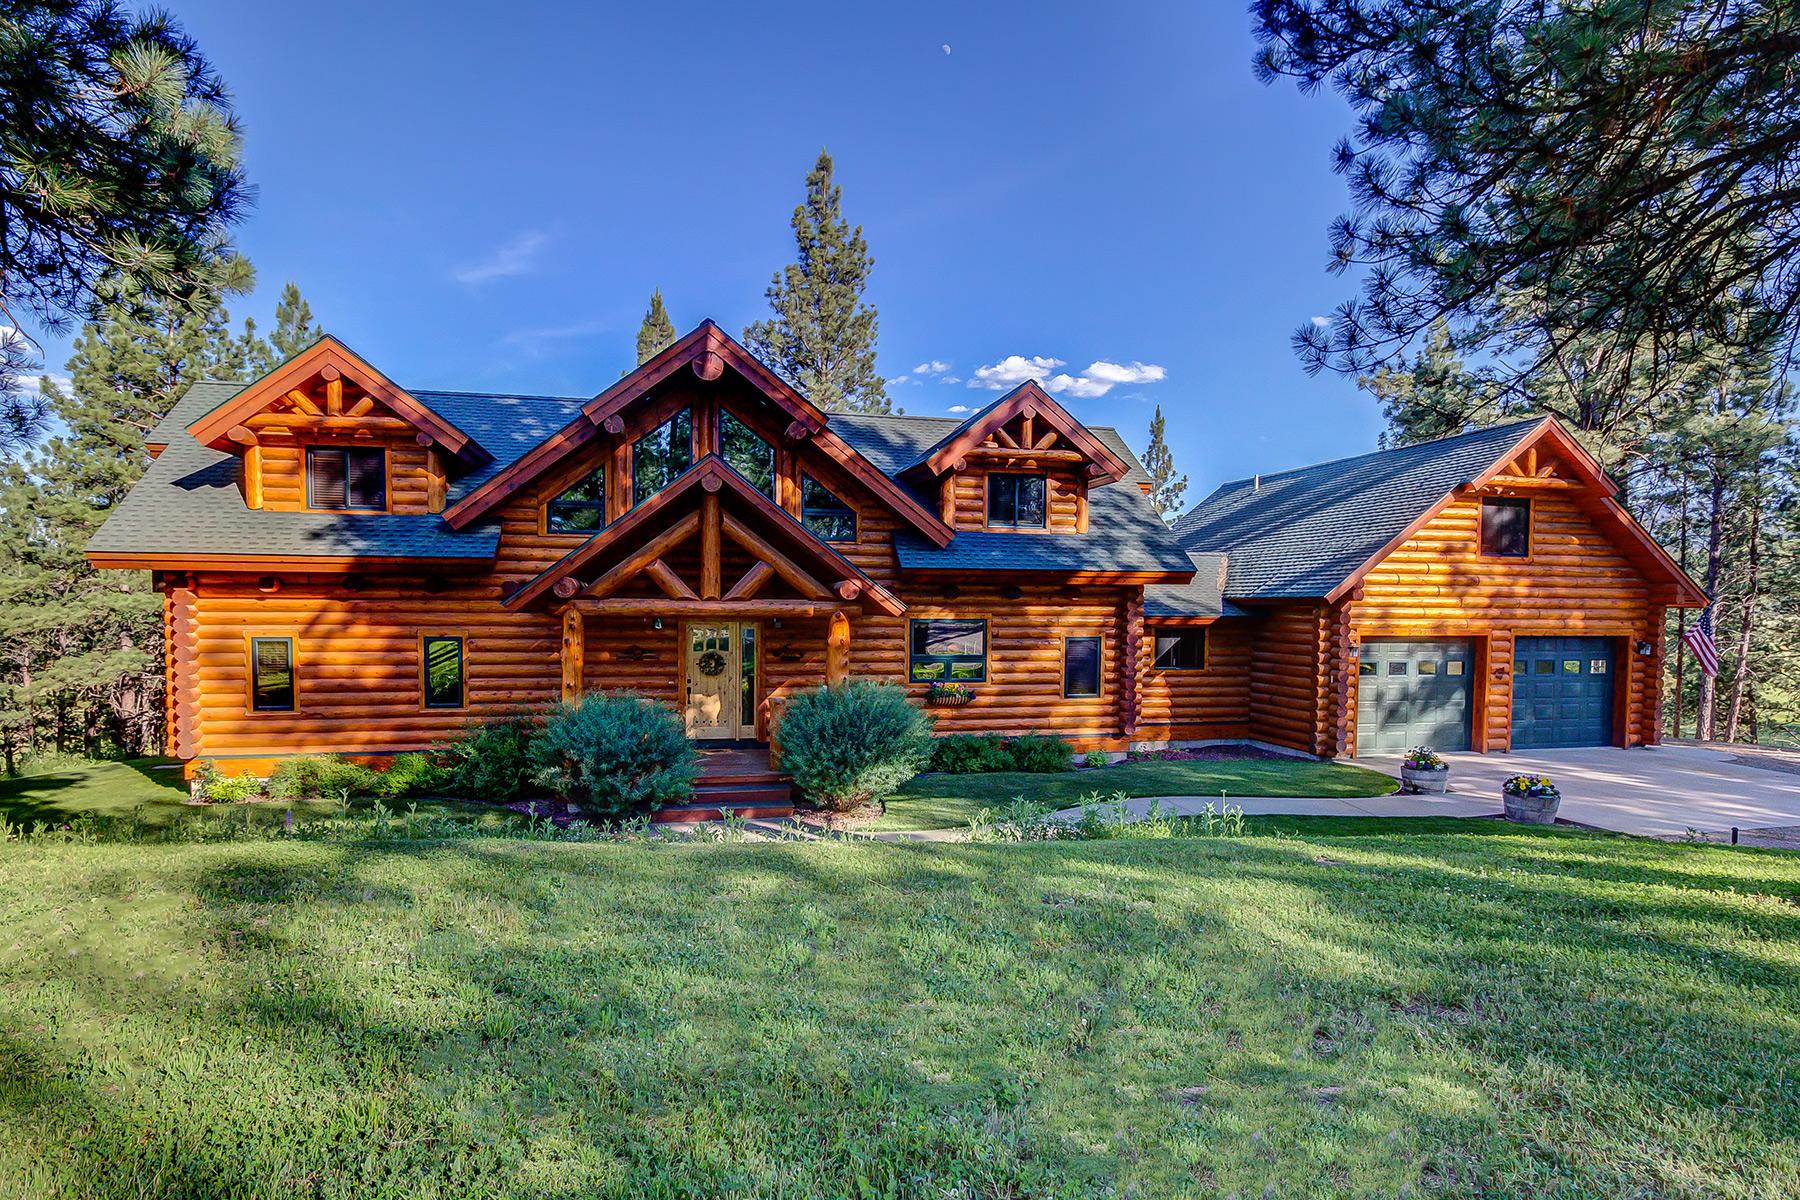 Casa Unifamiliar por un Venta en 27348 Rimfire Road Bonner, Montana 59823 Estados Unidos